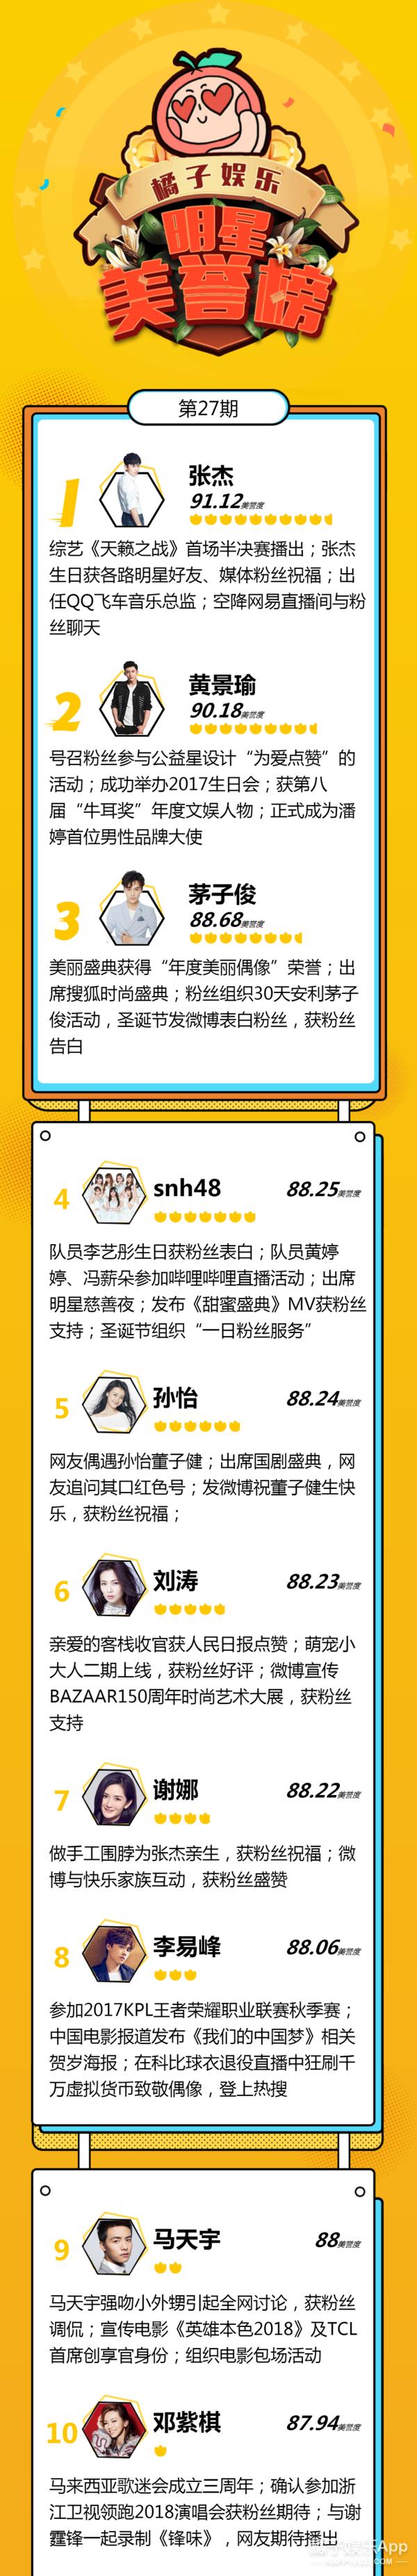 明星美誉榜来袭:张杰生日获祝福,空降NO.1